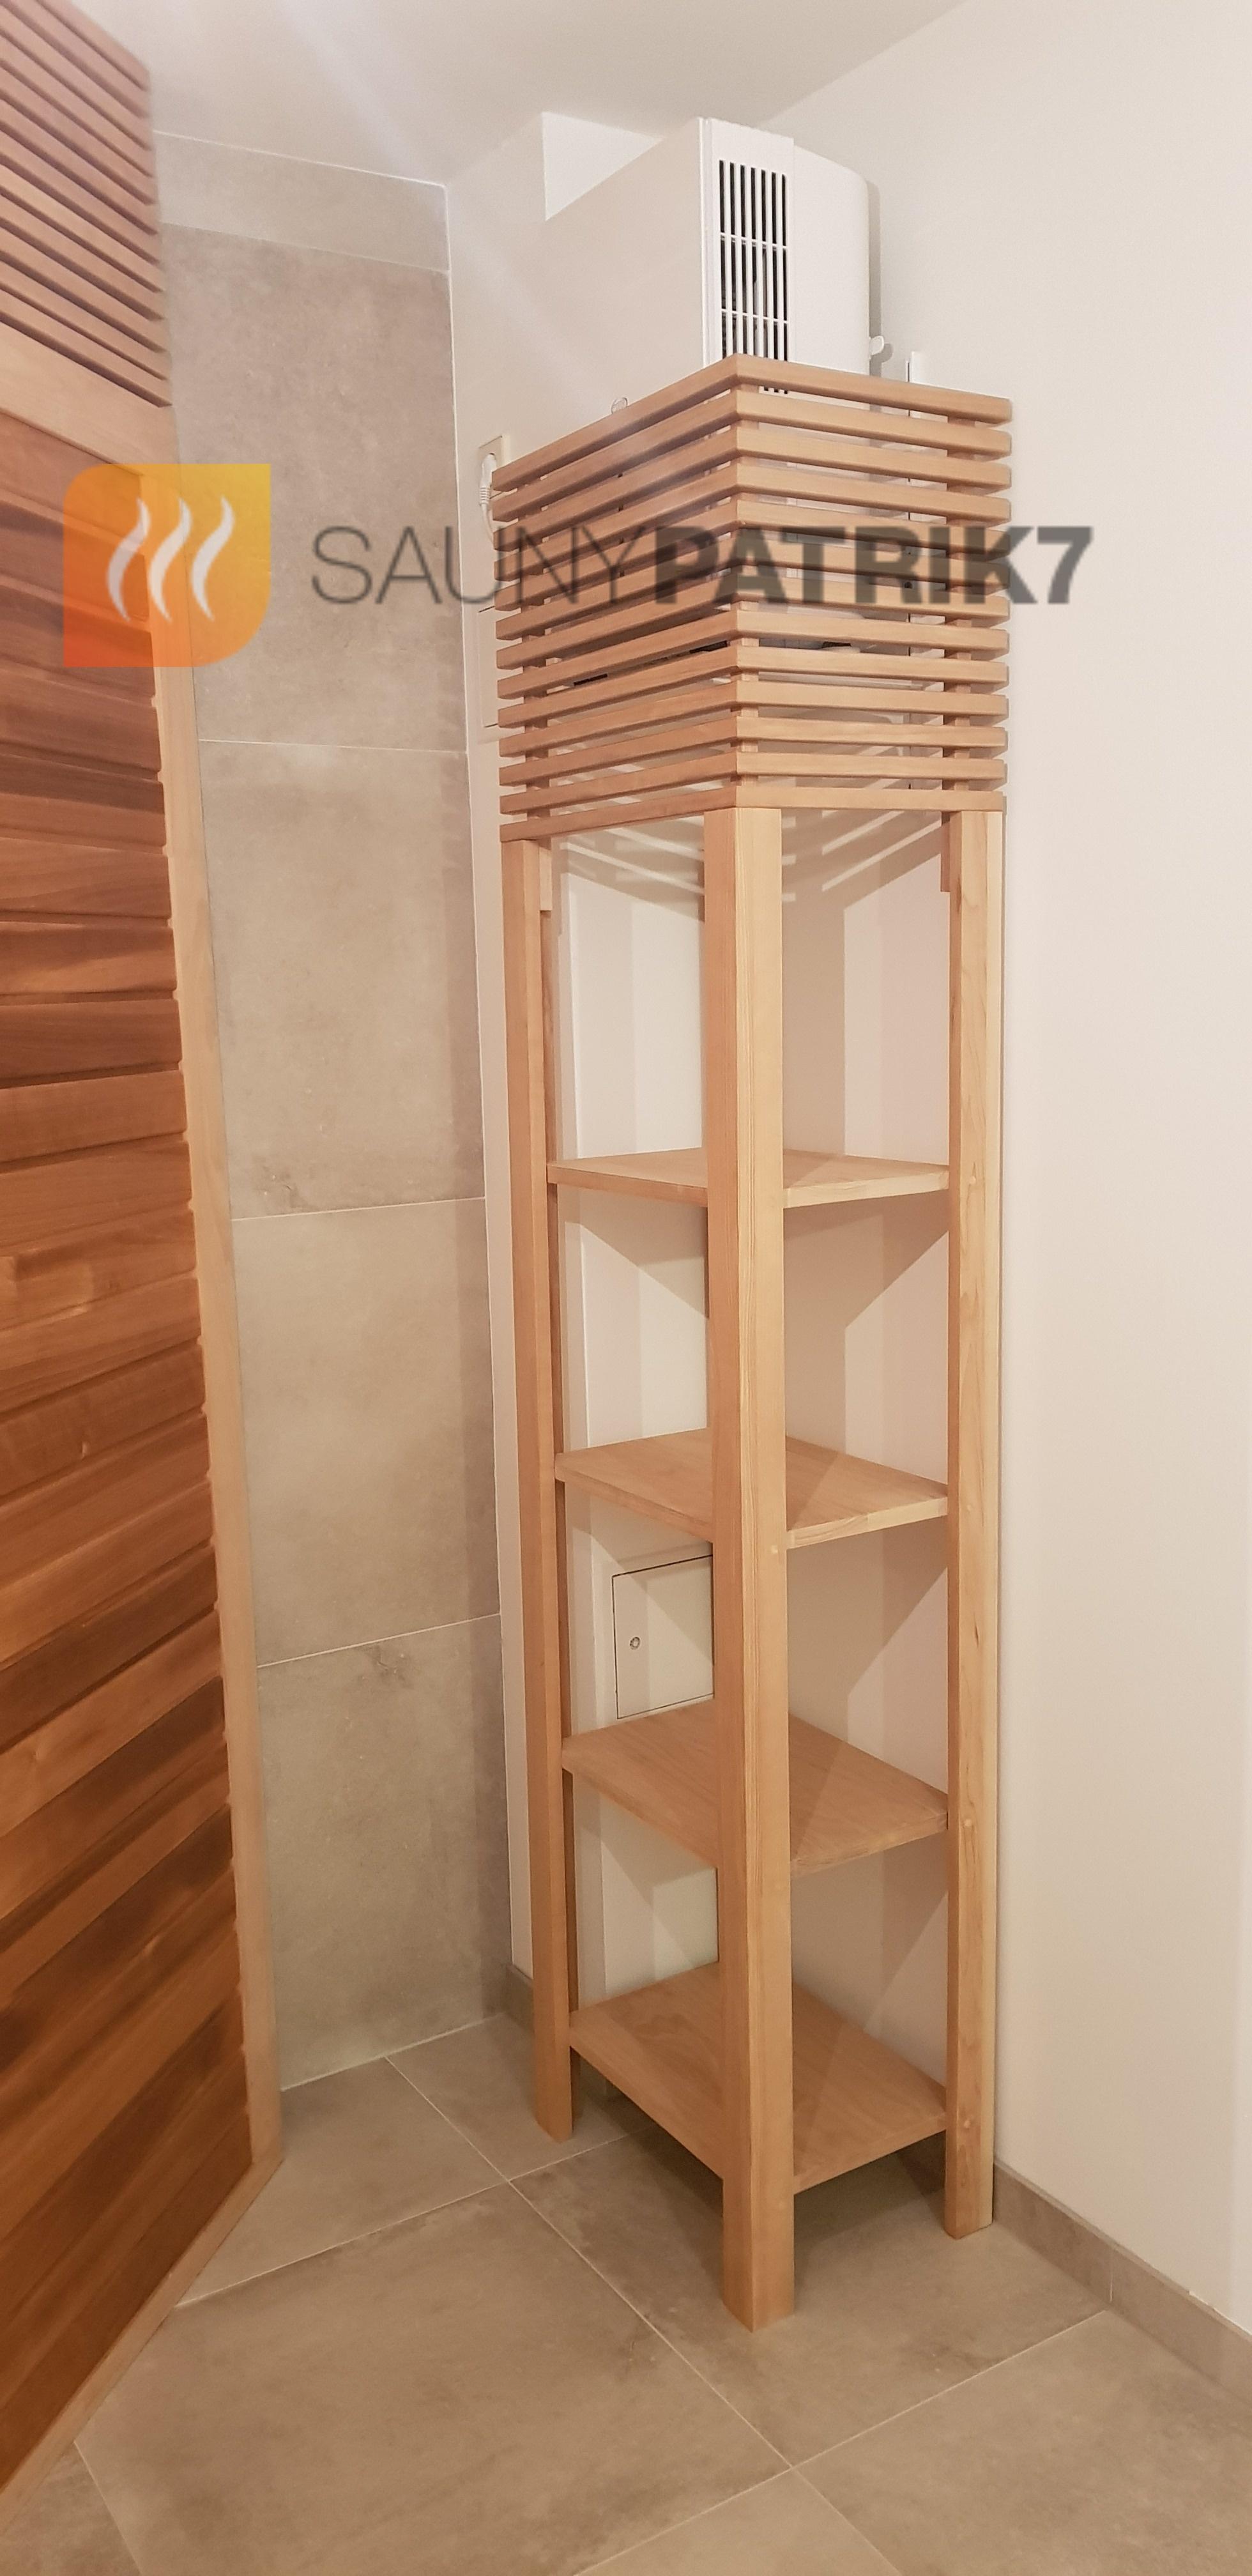 nabytok na mieru -sauny patrik 7